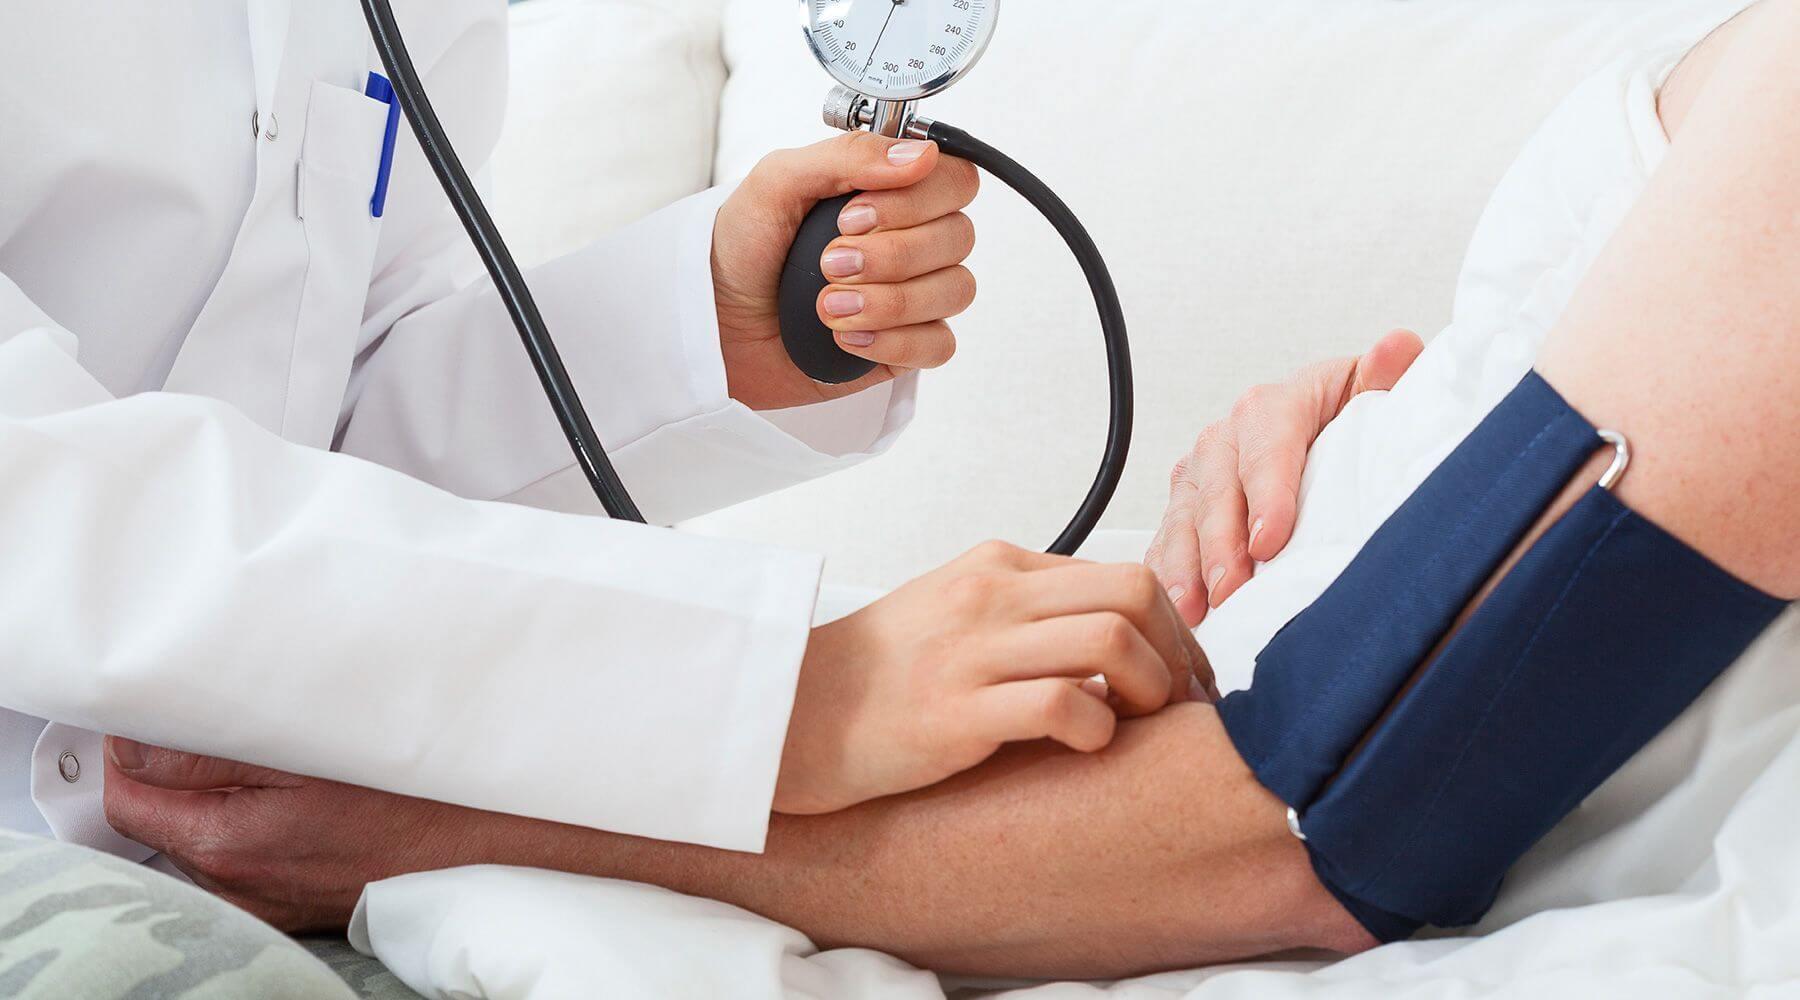 رقیق کننده خون ، مواد غذایی رقیق کننده خون